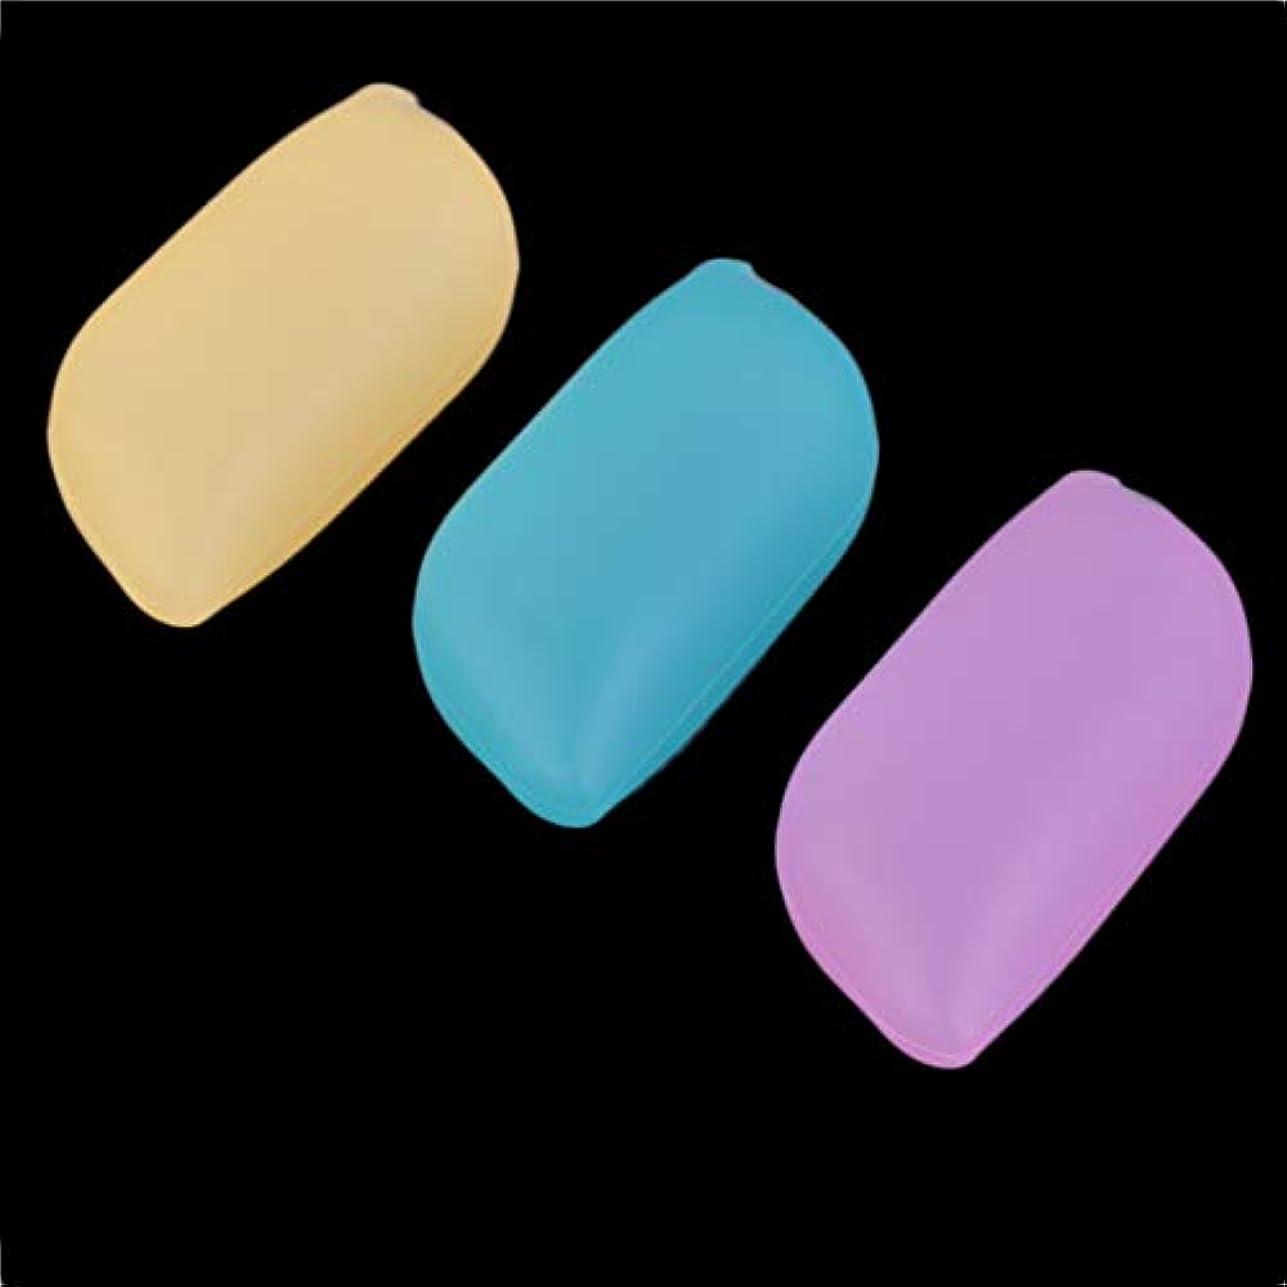 ダメージ更新するショルダーポータブル軽量3ピースシリコンソフトトラベルキャンプホールディング歯ブラシヘッドケースカバー保護キャップきれいに保つ